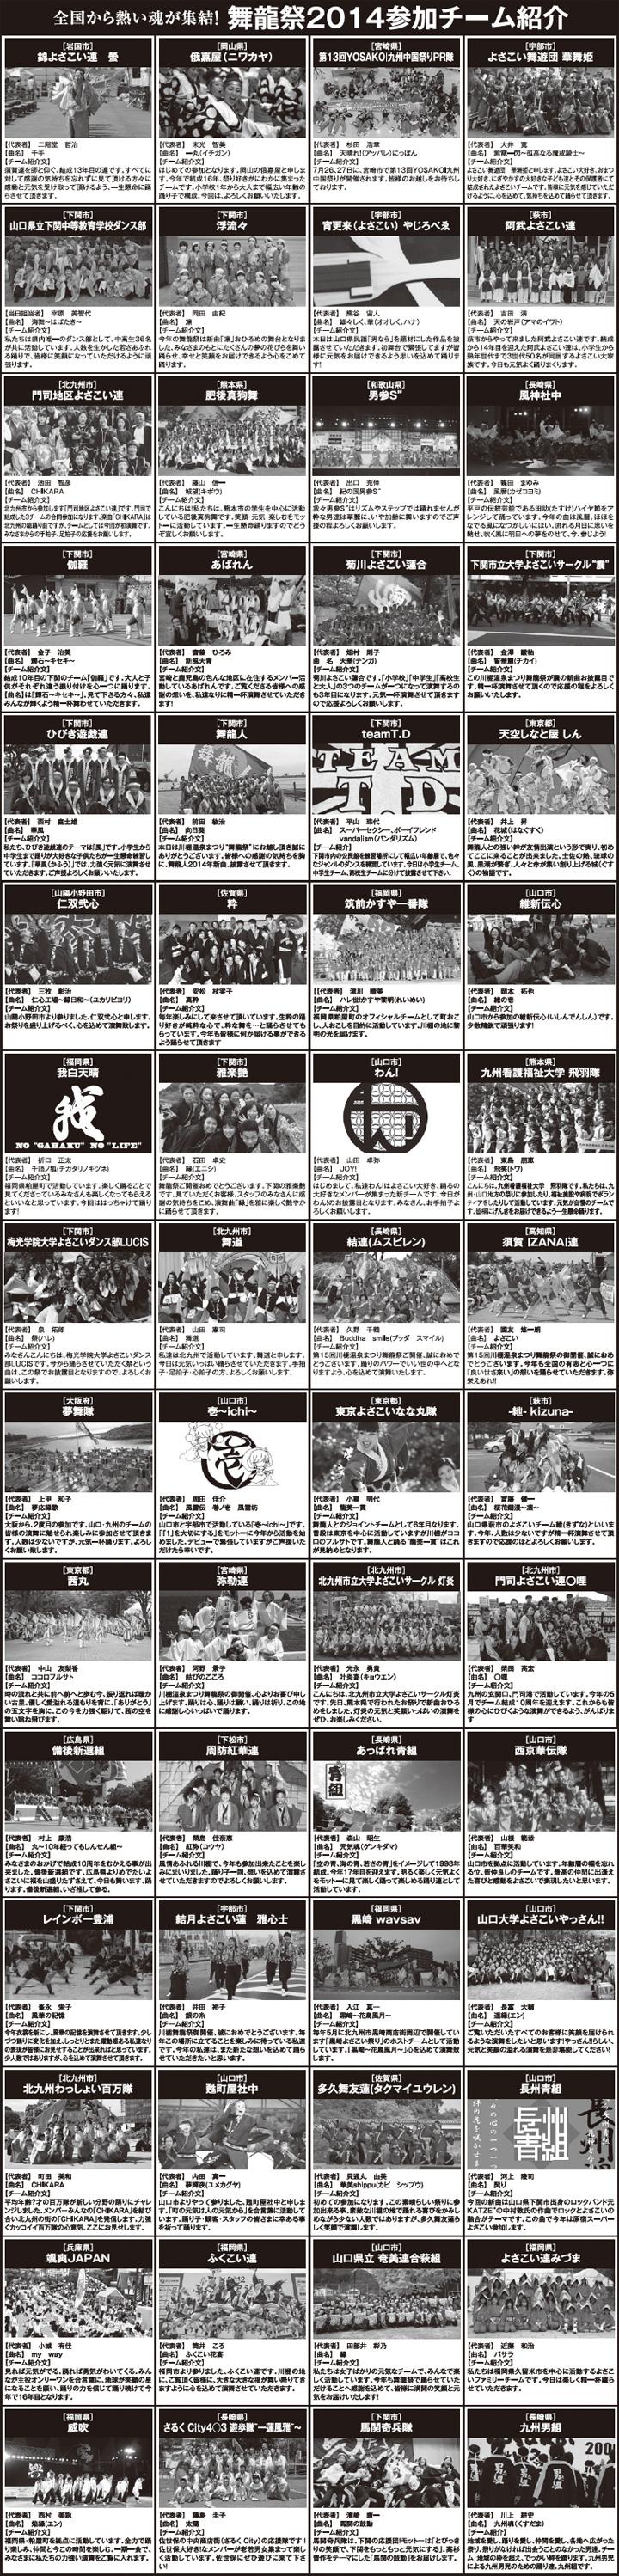 2014_team_info